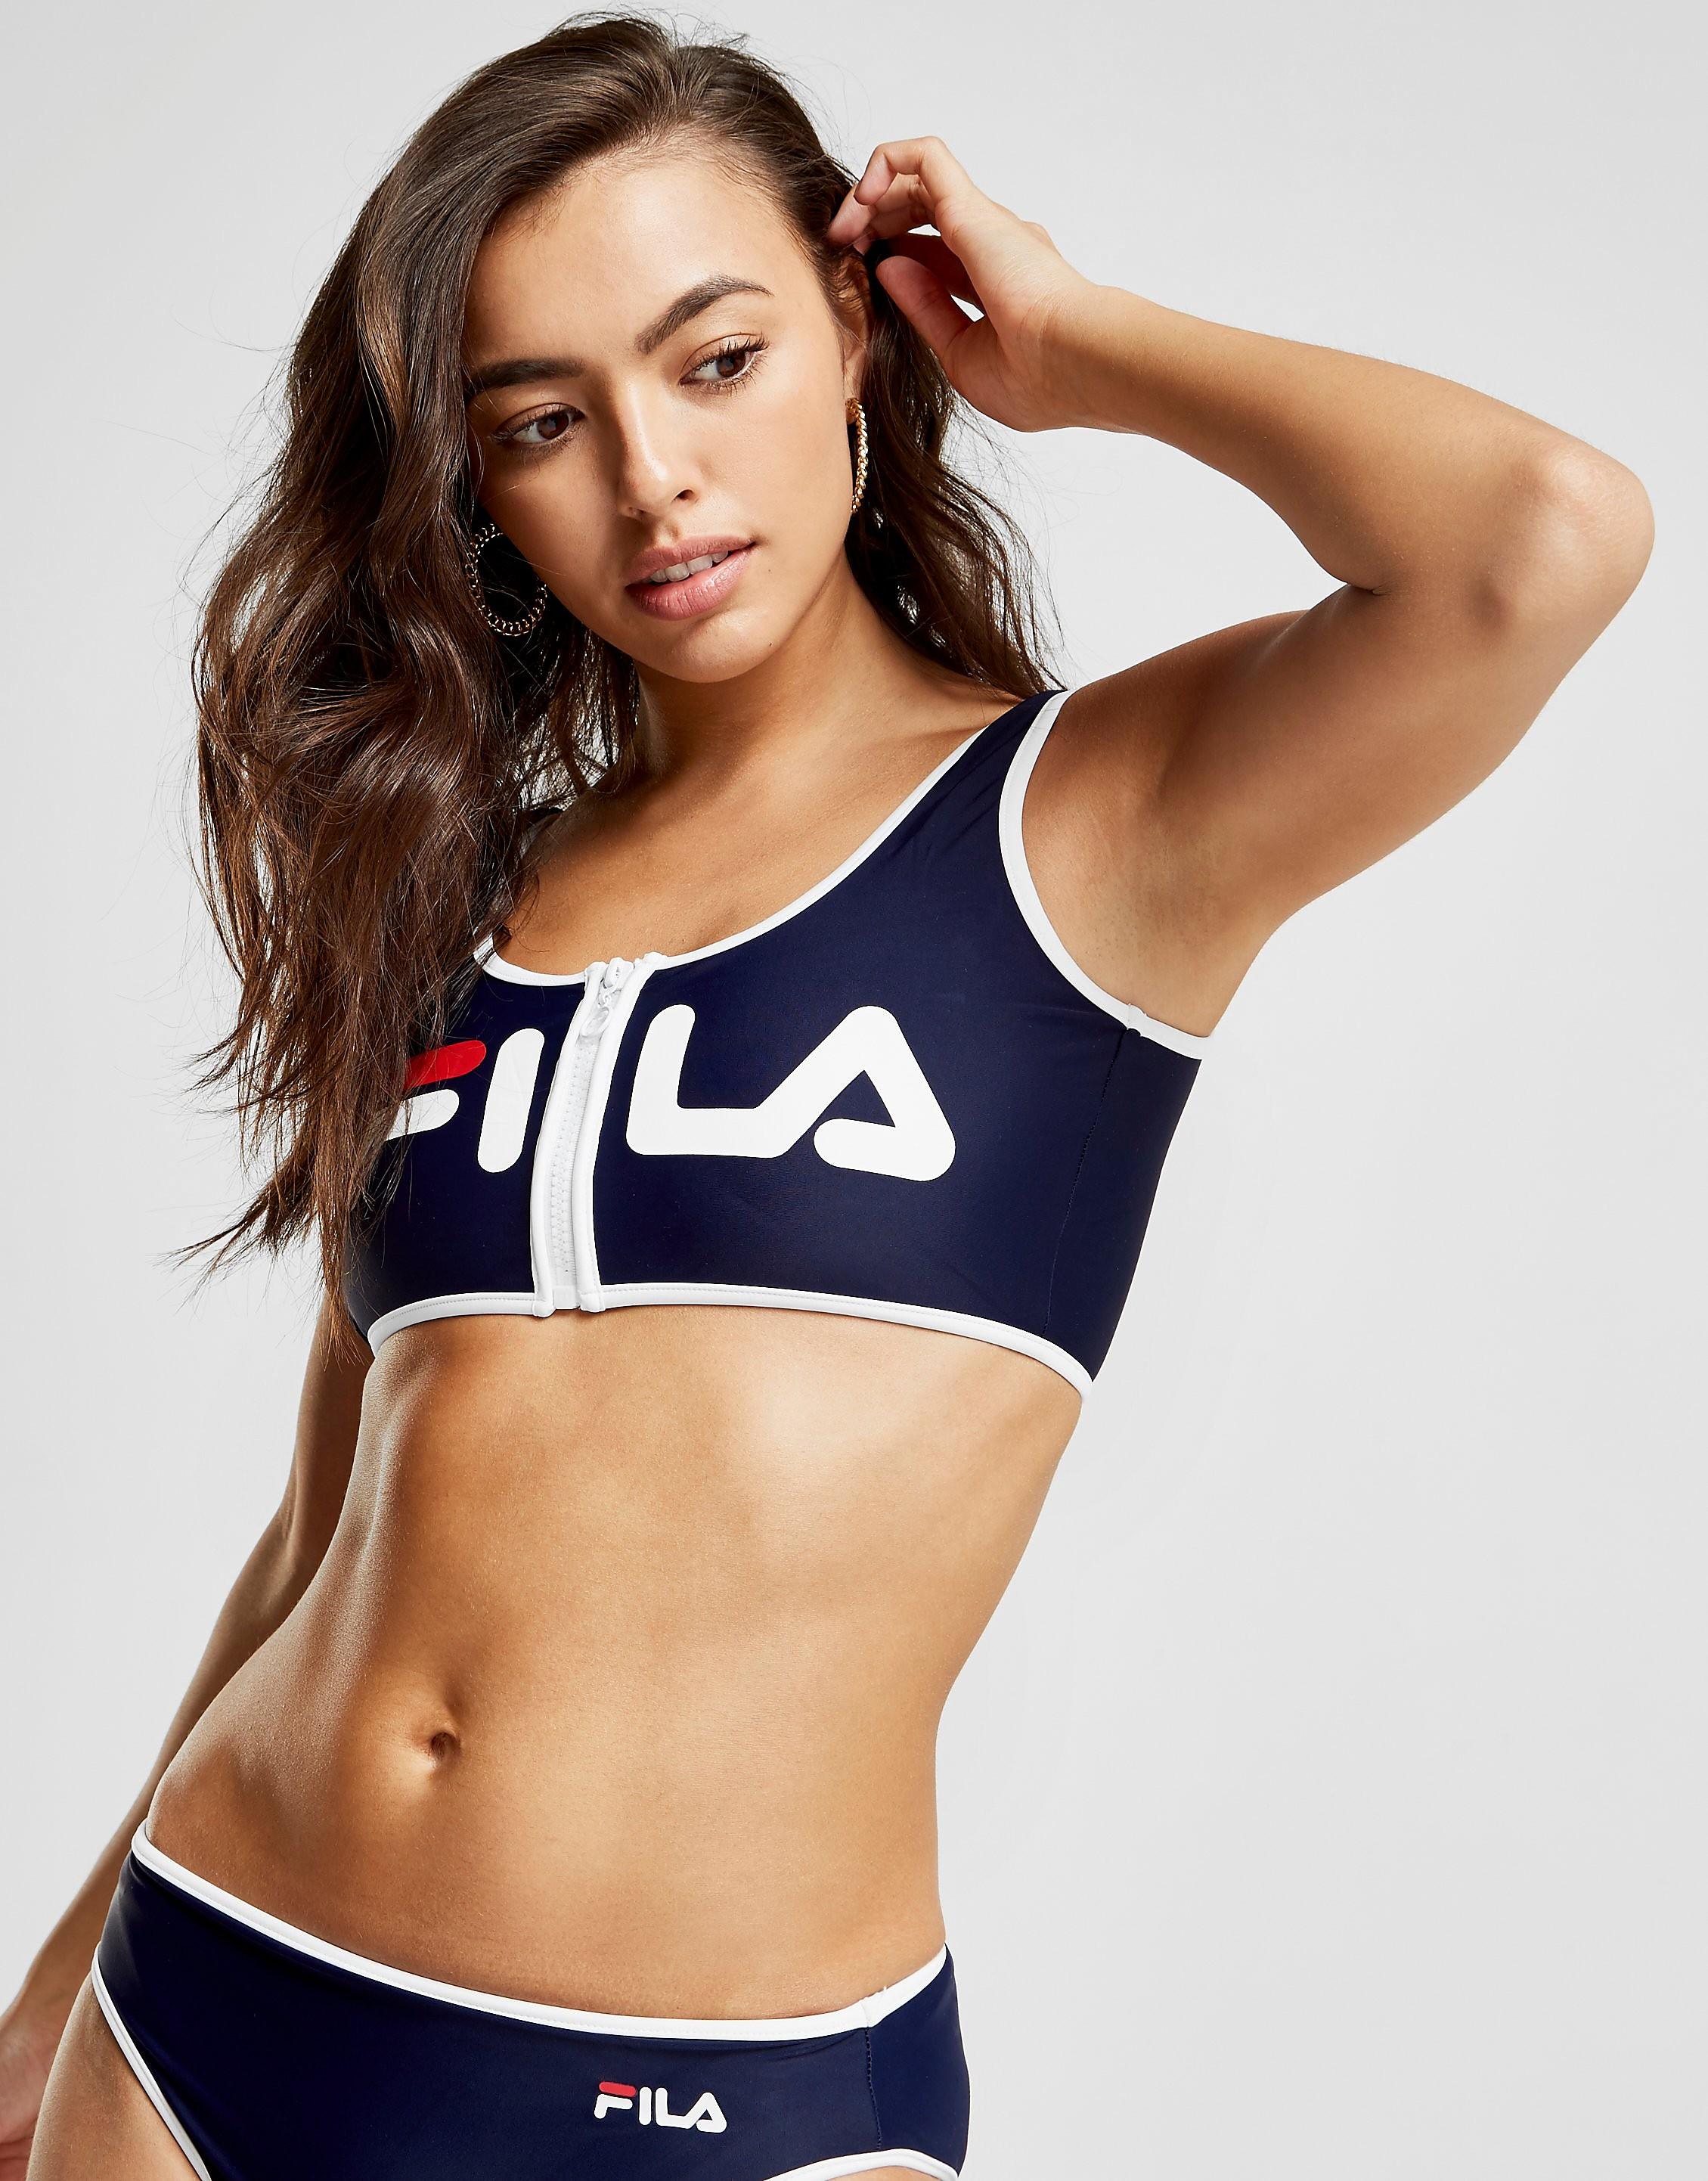 Fila Haut de maillot de bain Zip Bikini Femme